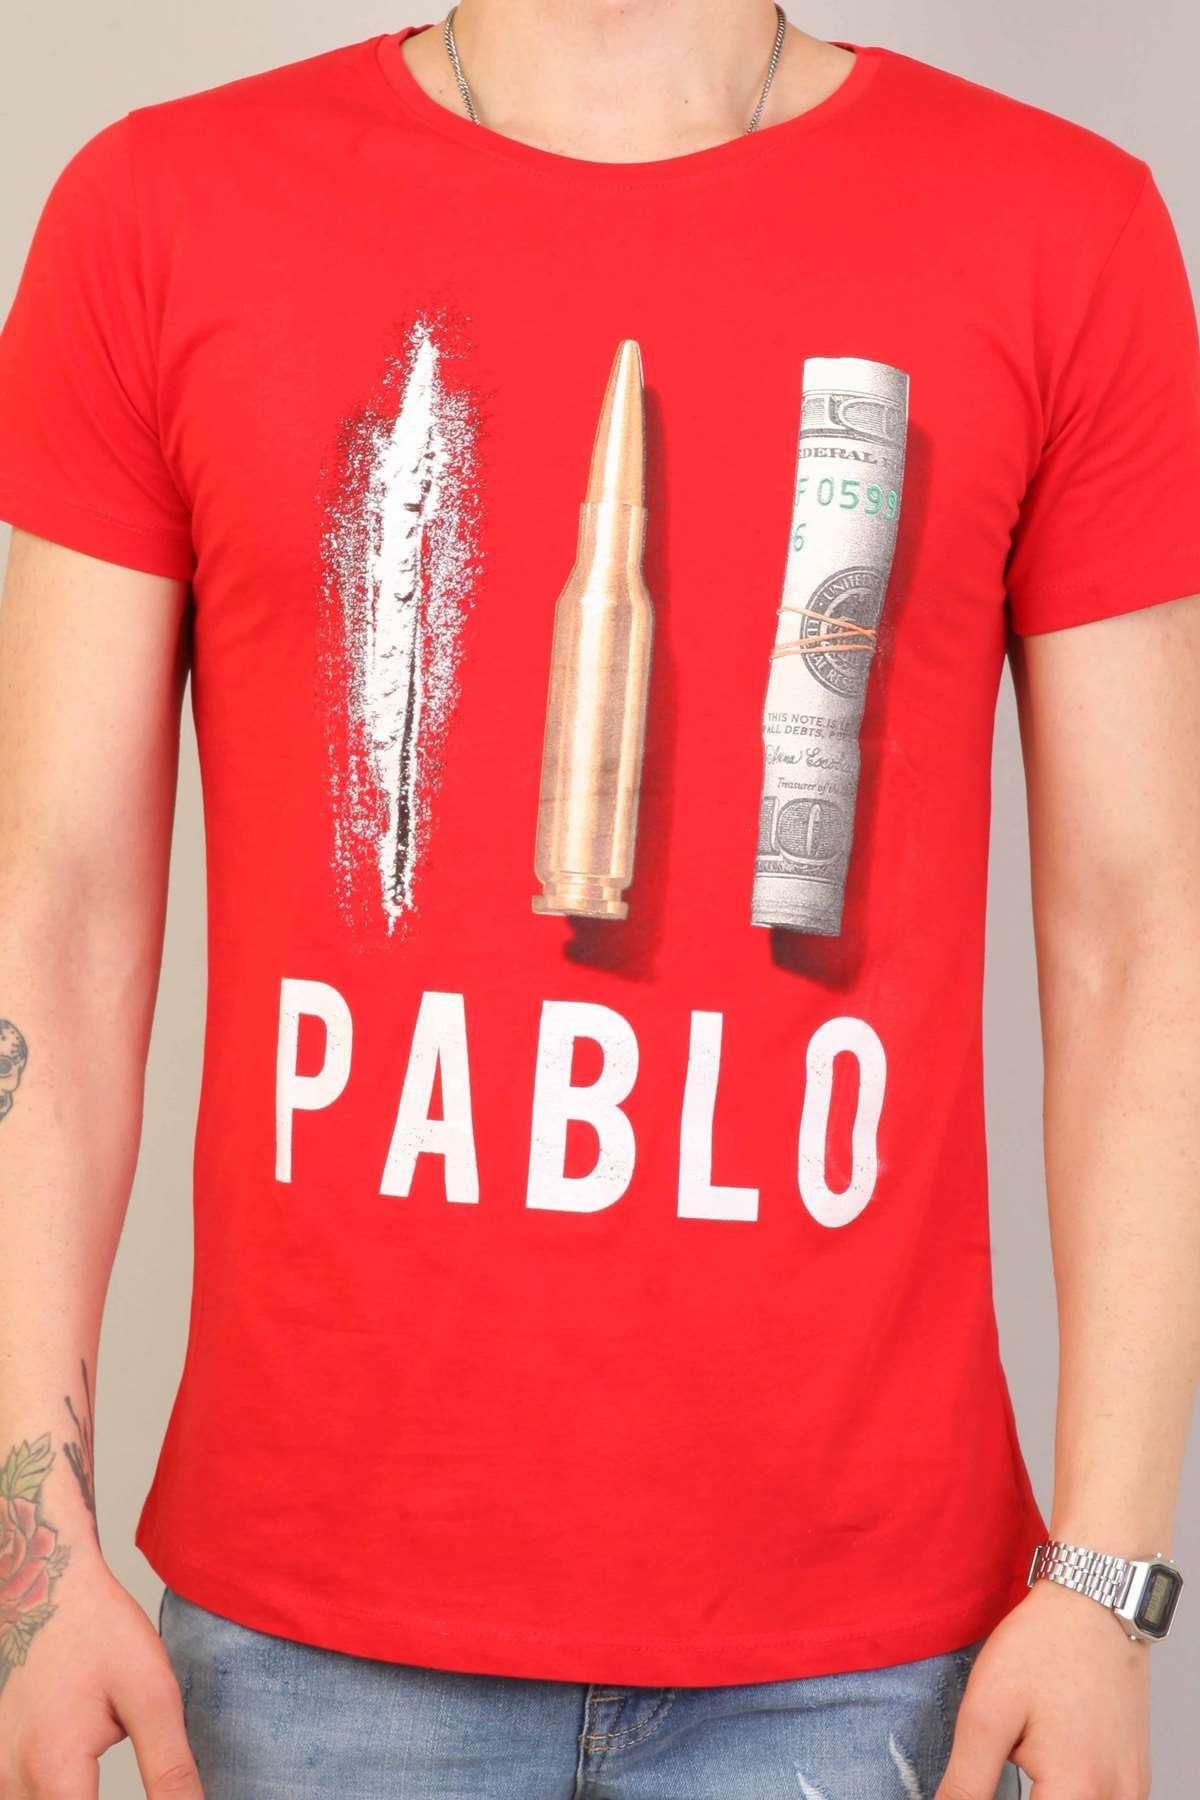 Pablo Yazılı Resim Baskılı Simit Yaka Tişört Kırmızı